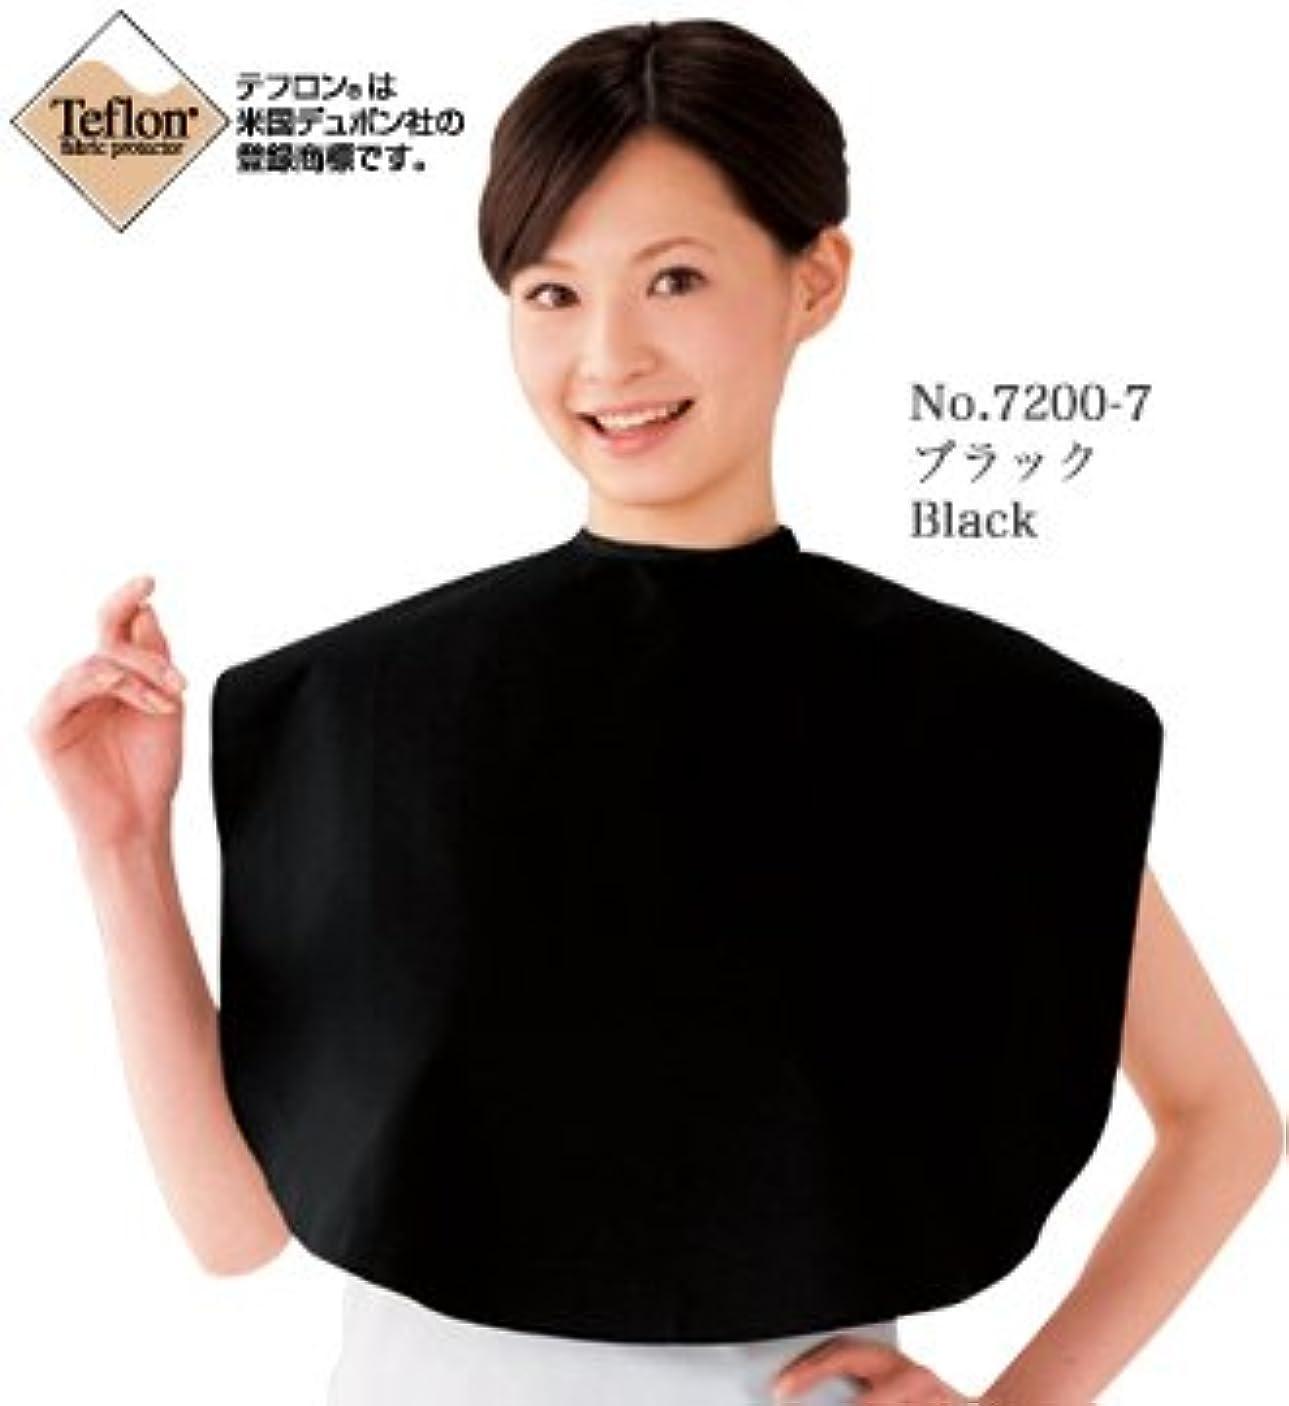 ウール検査官拒否ワコウ No.7200 メイクアップケープ (ミニサイズ) 超撥水タイプ WAKO (ブラック)7200-7